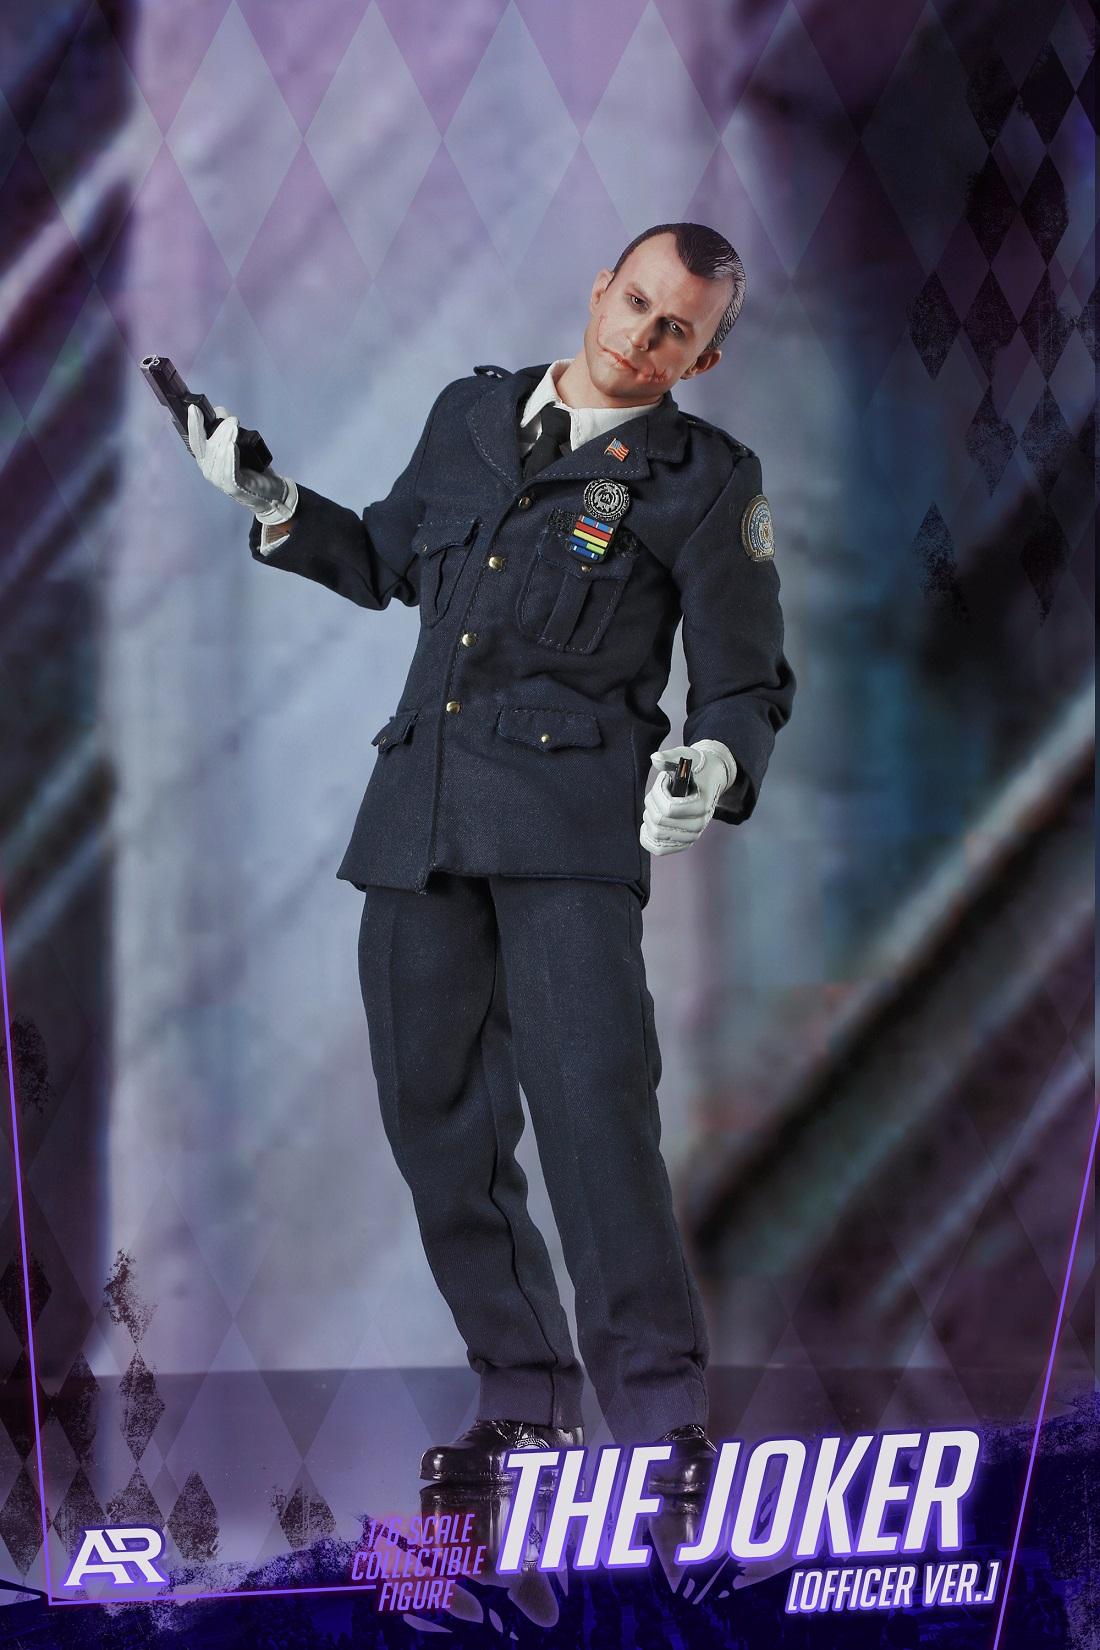 ARTOYS AR-003 The Joker (Officer Version)